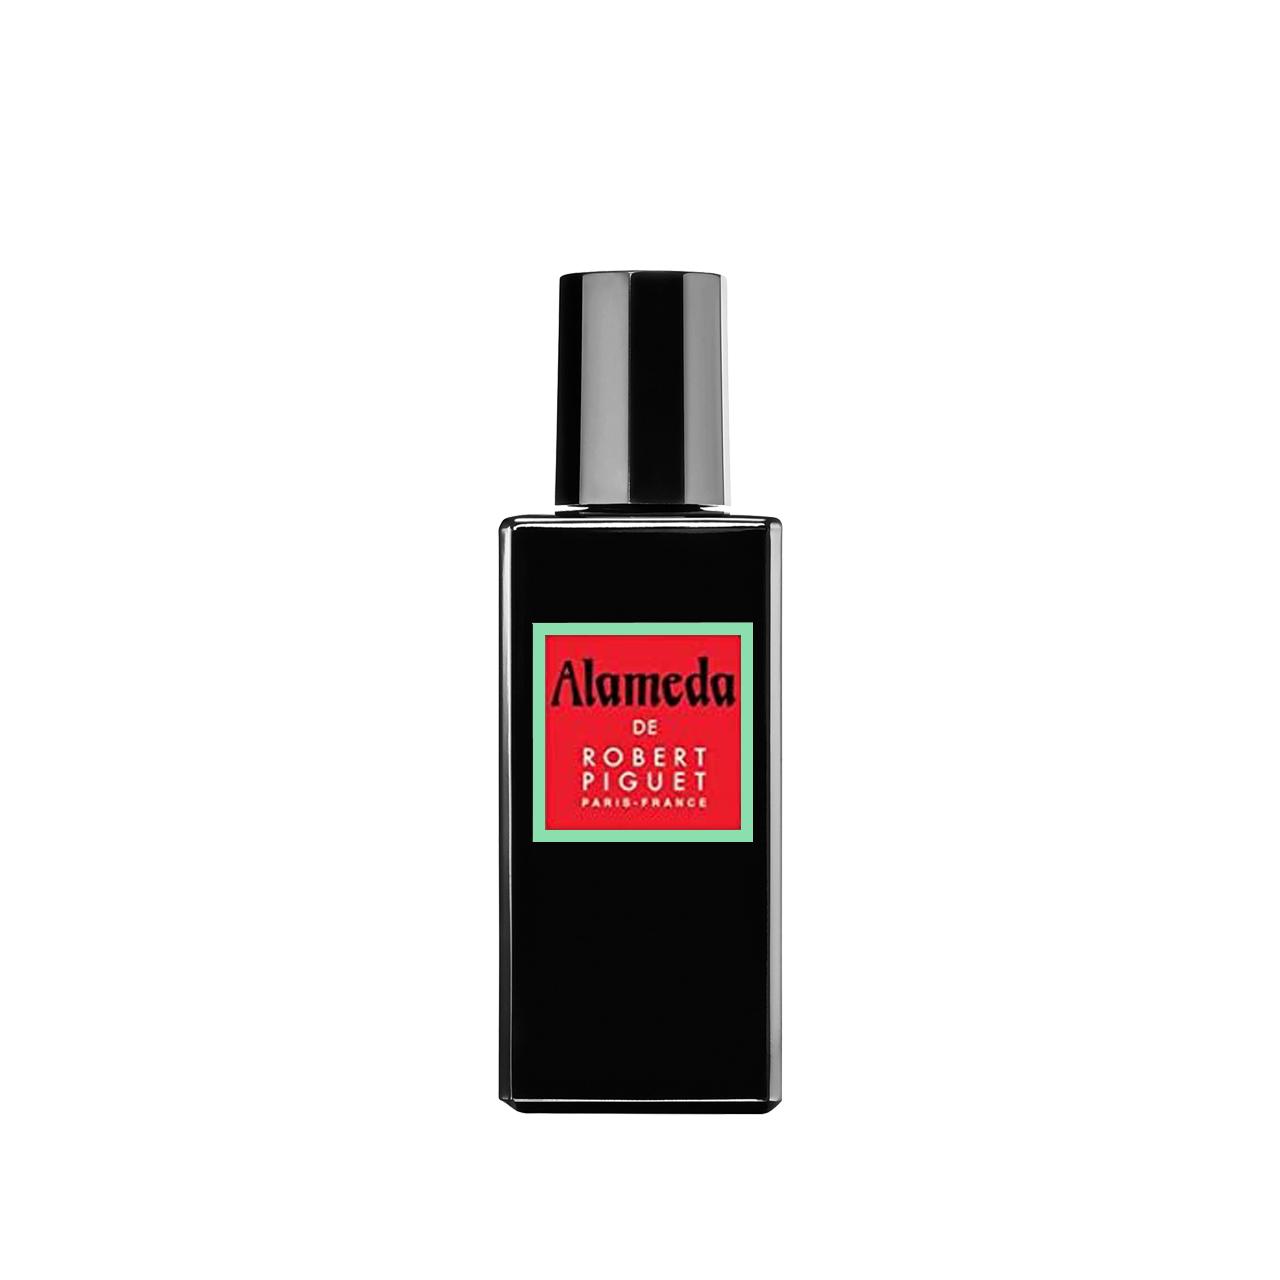 Alameda - Eau de Parfum